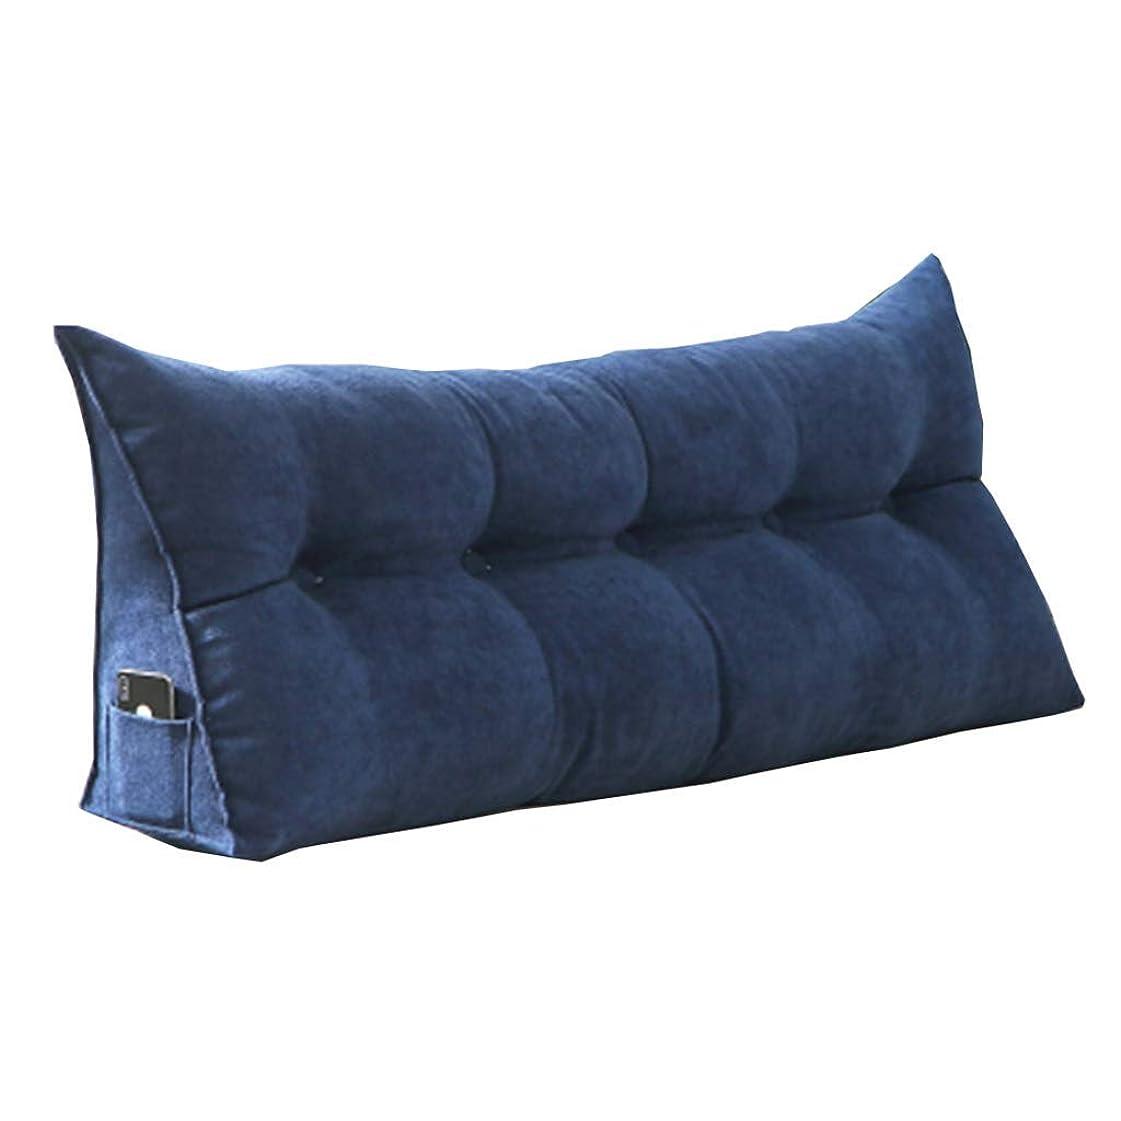 次へ花輪削除するSXT ファッション枕クッション枕ベッド背もたれremovwash (Color : A, サイズ : 80*50*20cm)